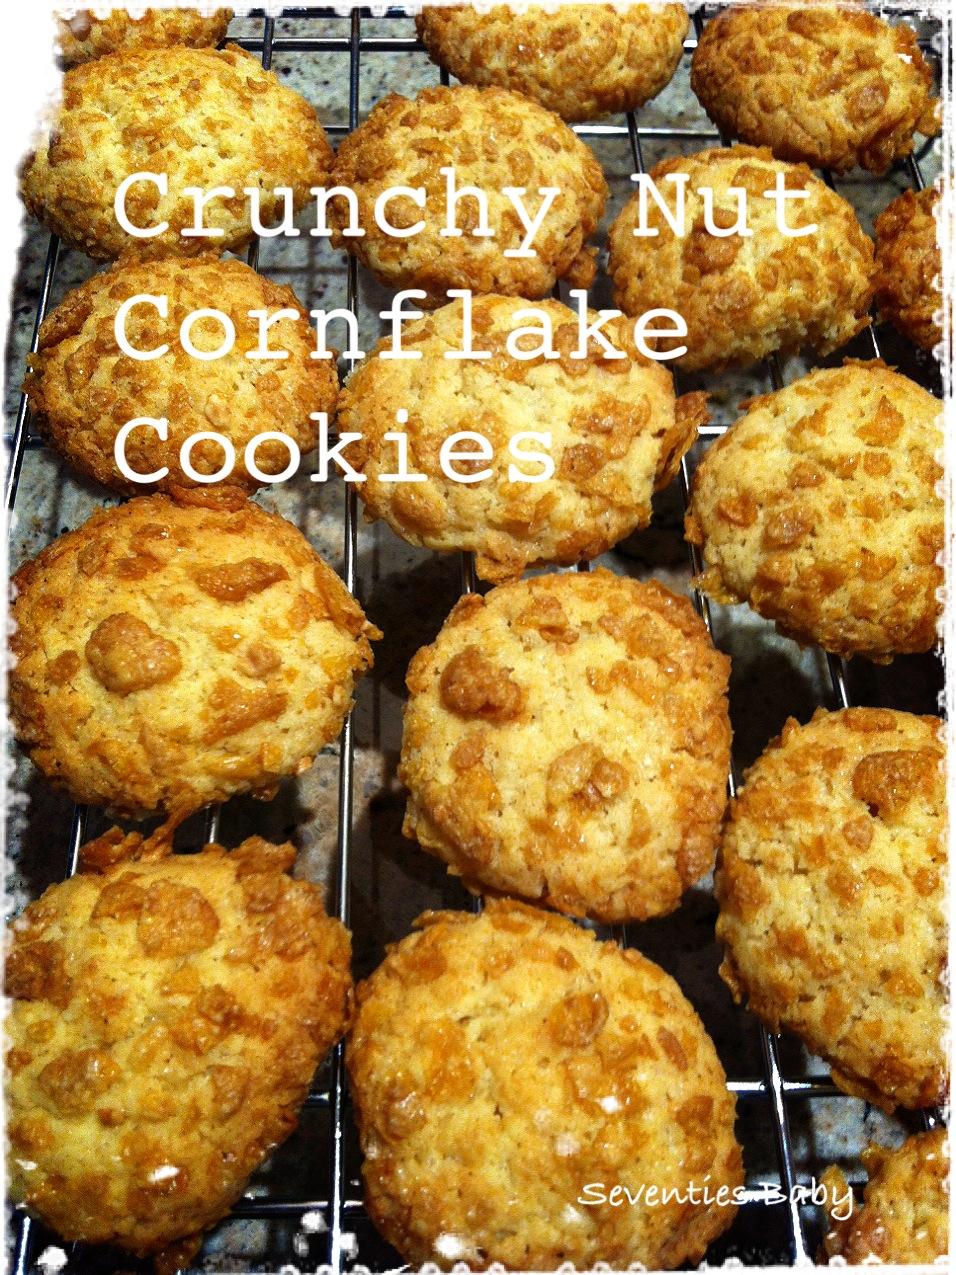 Seventies Baby: Crunchy Nut Cornflake Cookies